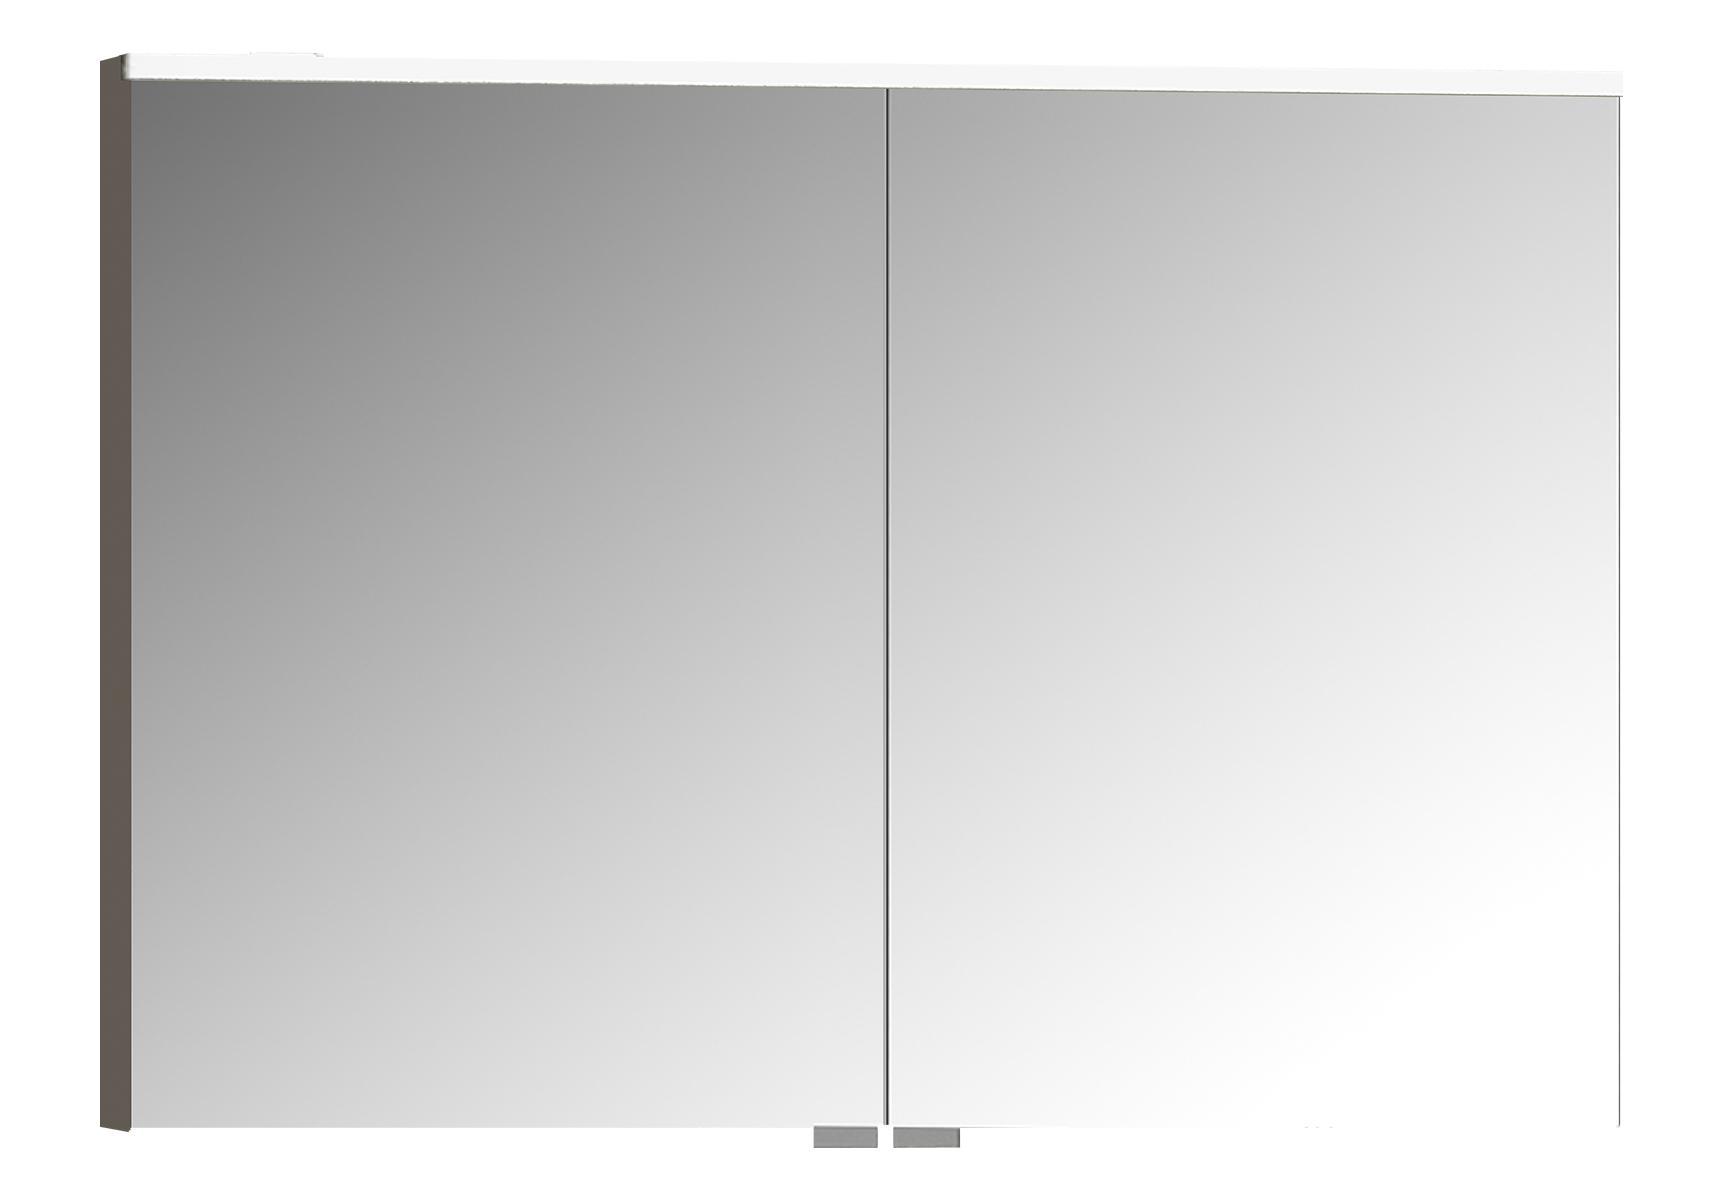 Sento Premium LED-Spiegelschrank, 100 cm, Anthrazit Matt